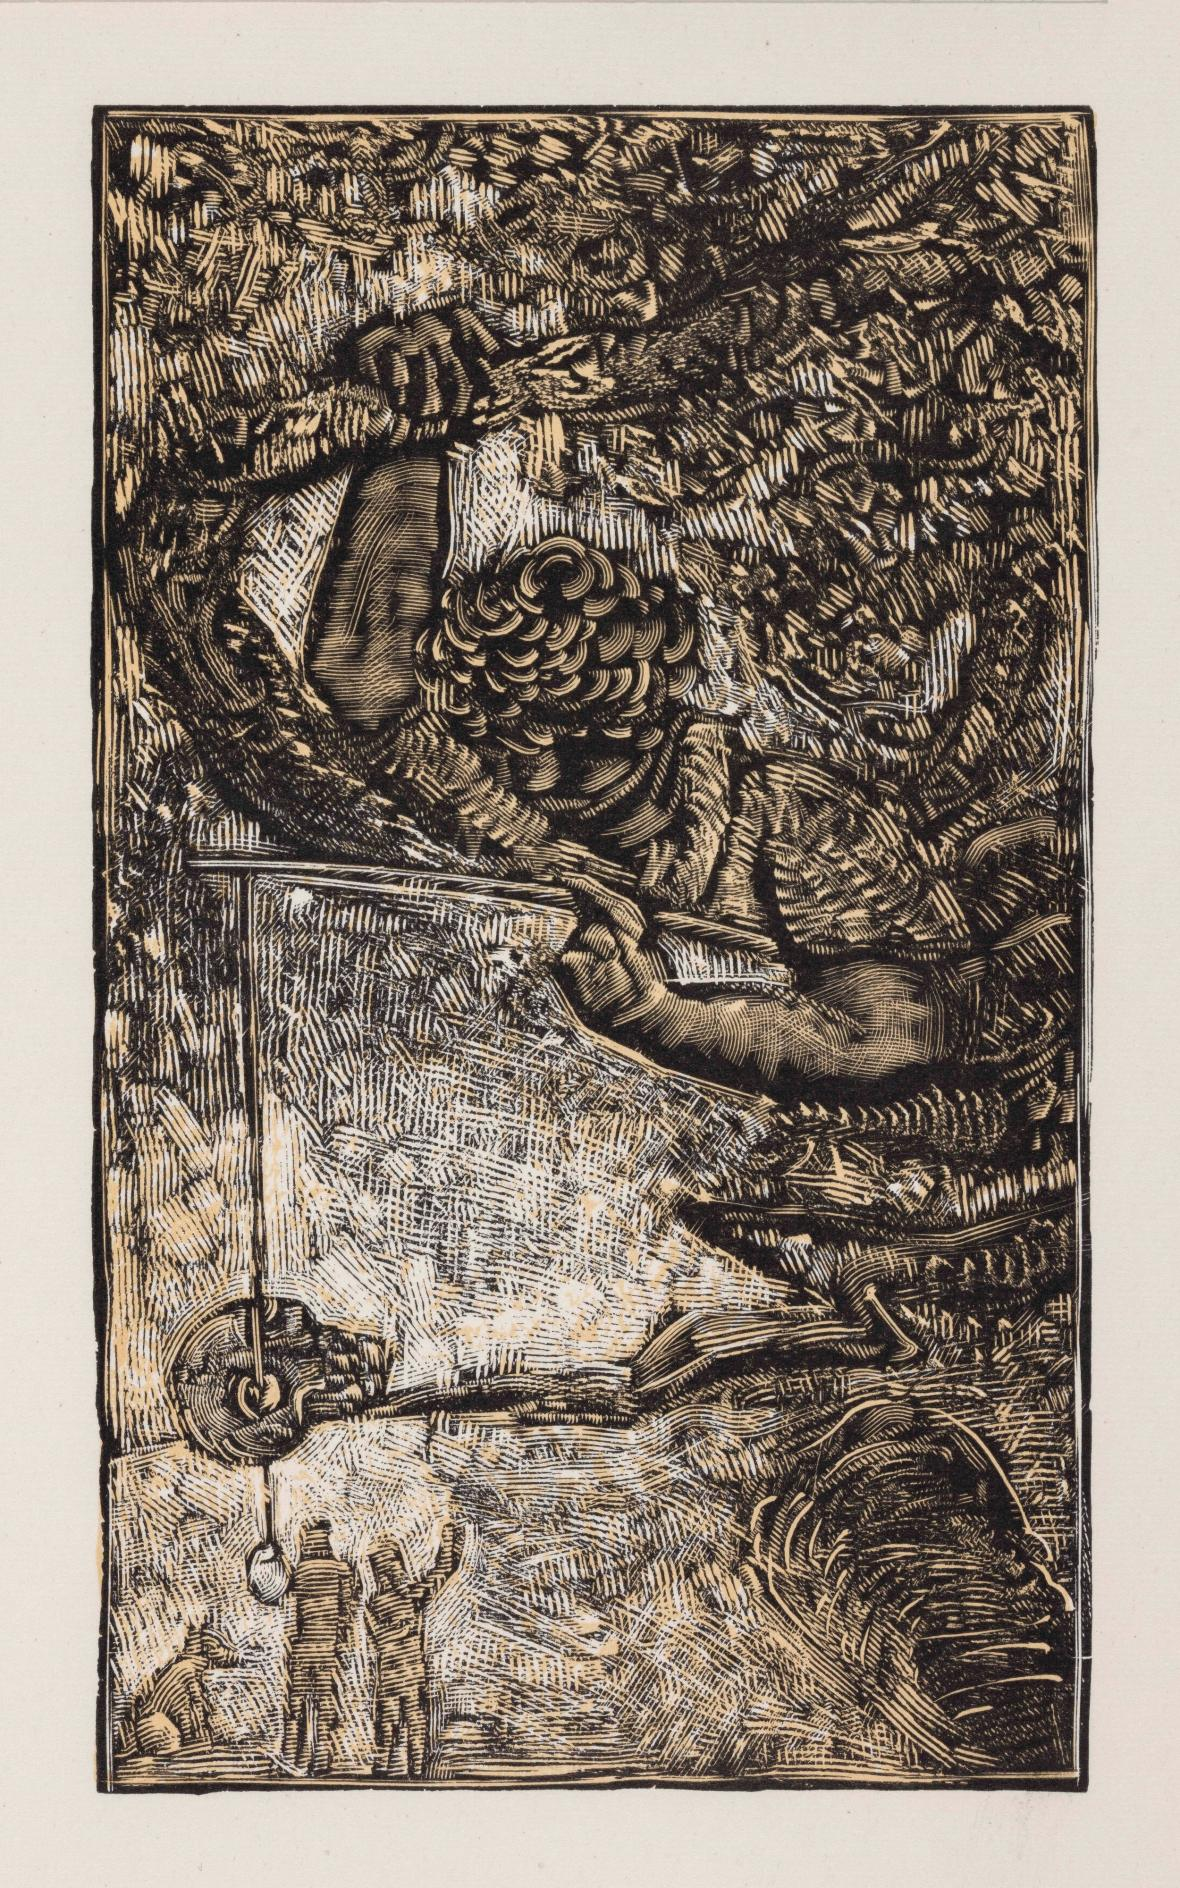 Josef Váchal /  Zlatý chrobák, (E. A. Poe v dřevorytu), 1945